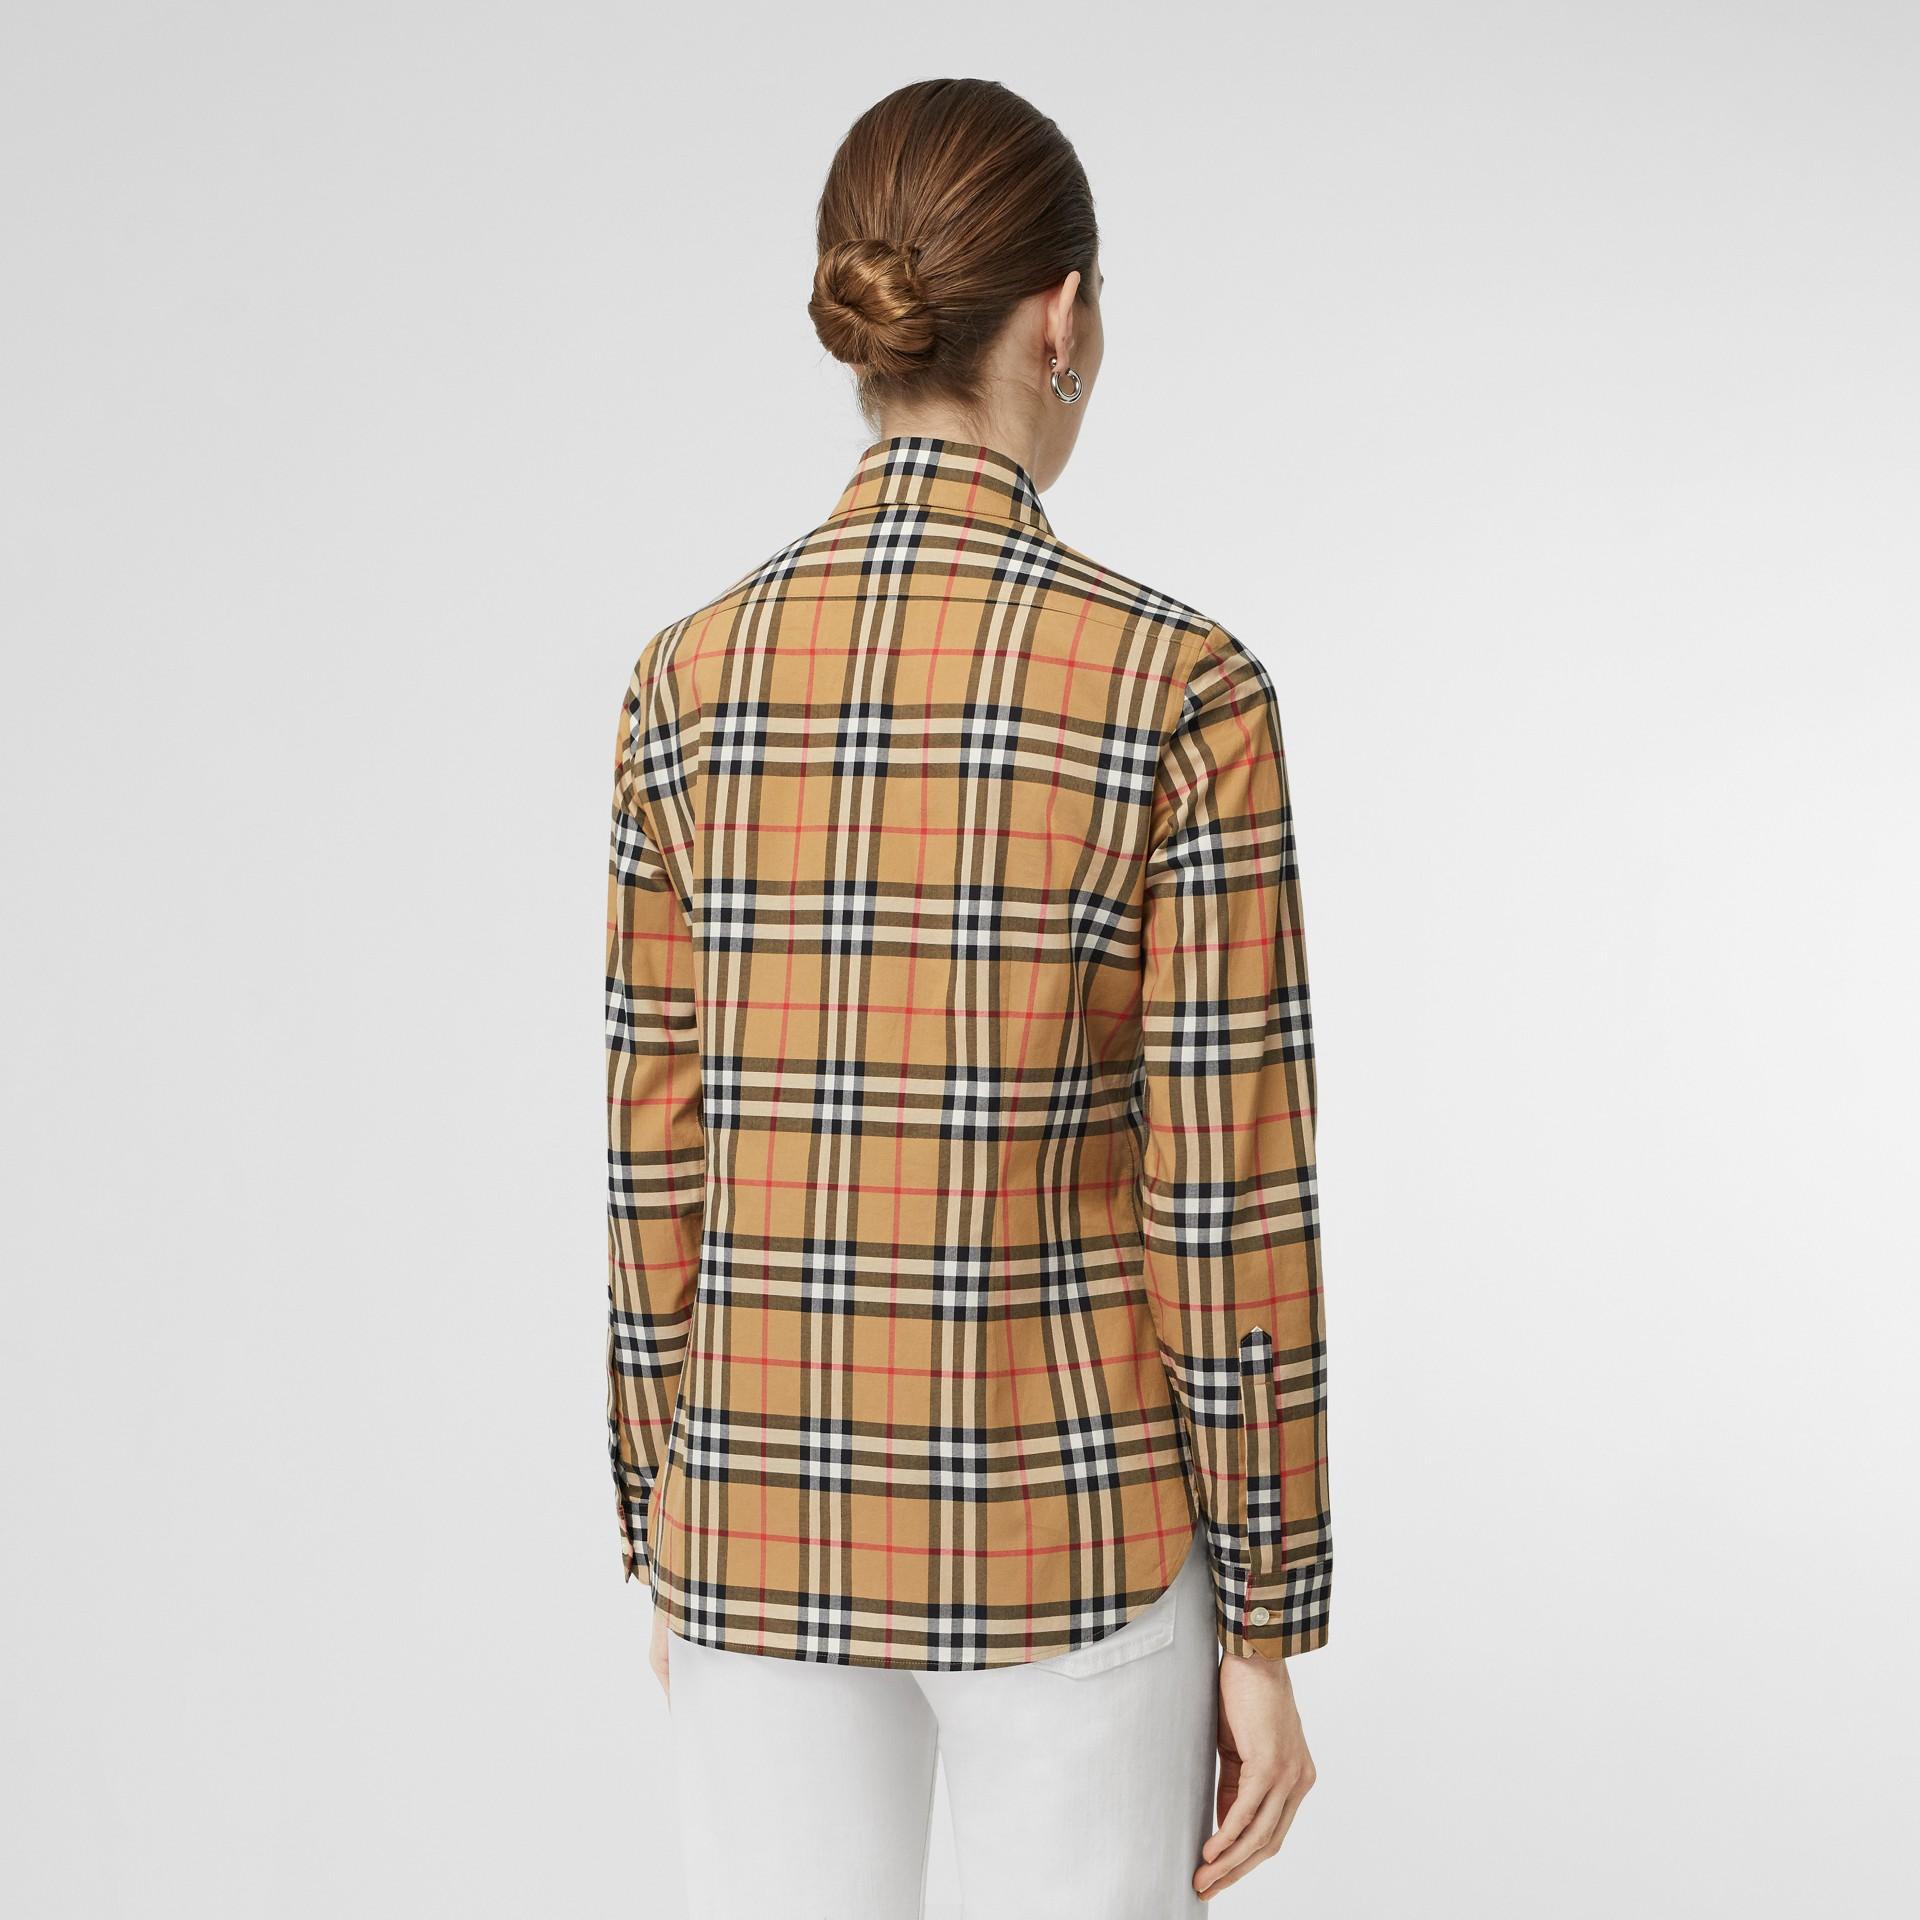 Chemise en coton à motif Vintage check (Jaune Antique) - Femme | Burberry - photo de la galerie 2